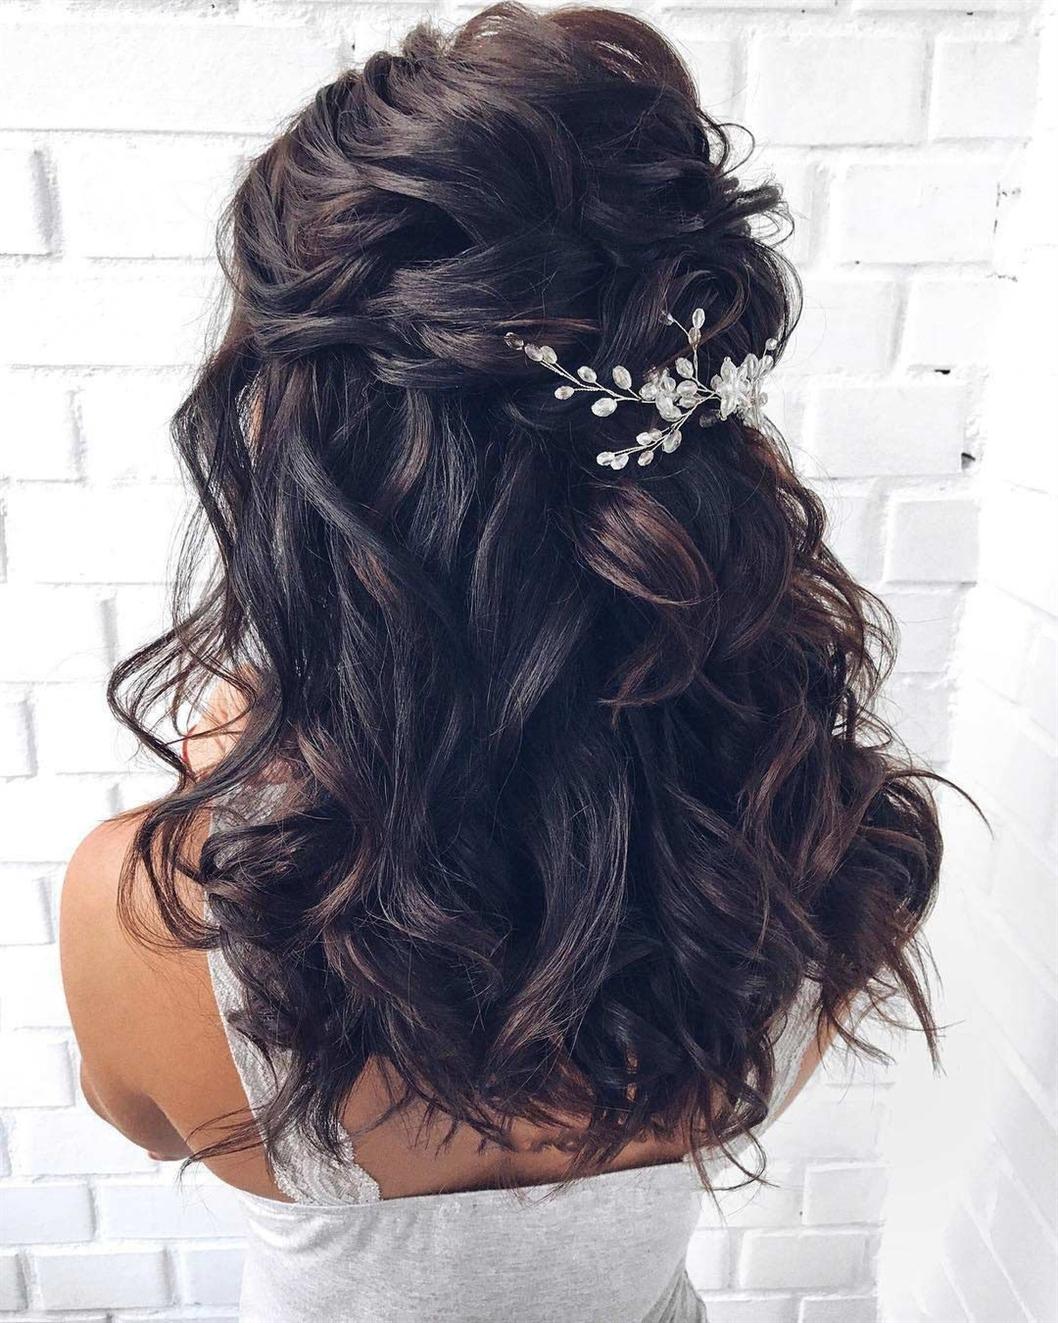 Hochzeitsfrisuren halb hoch halb runter Für mittleres Haar